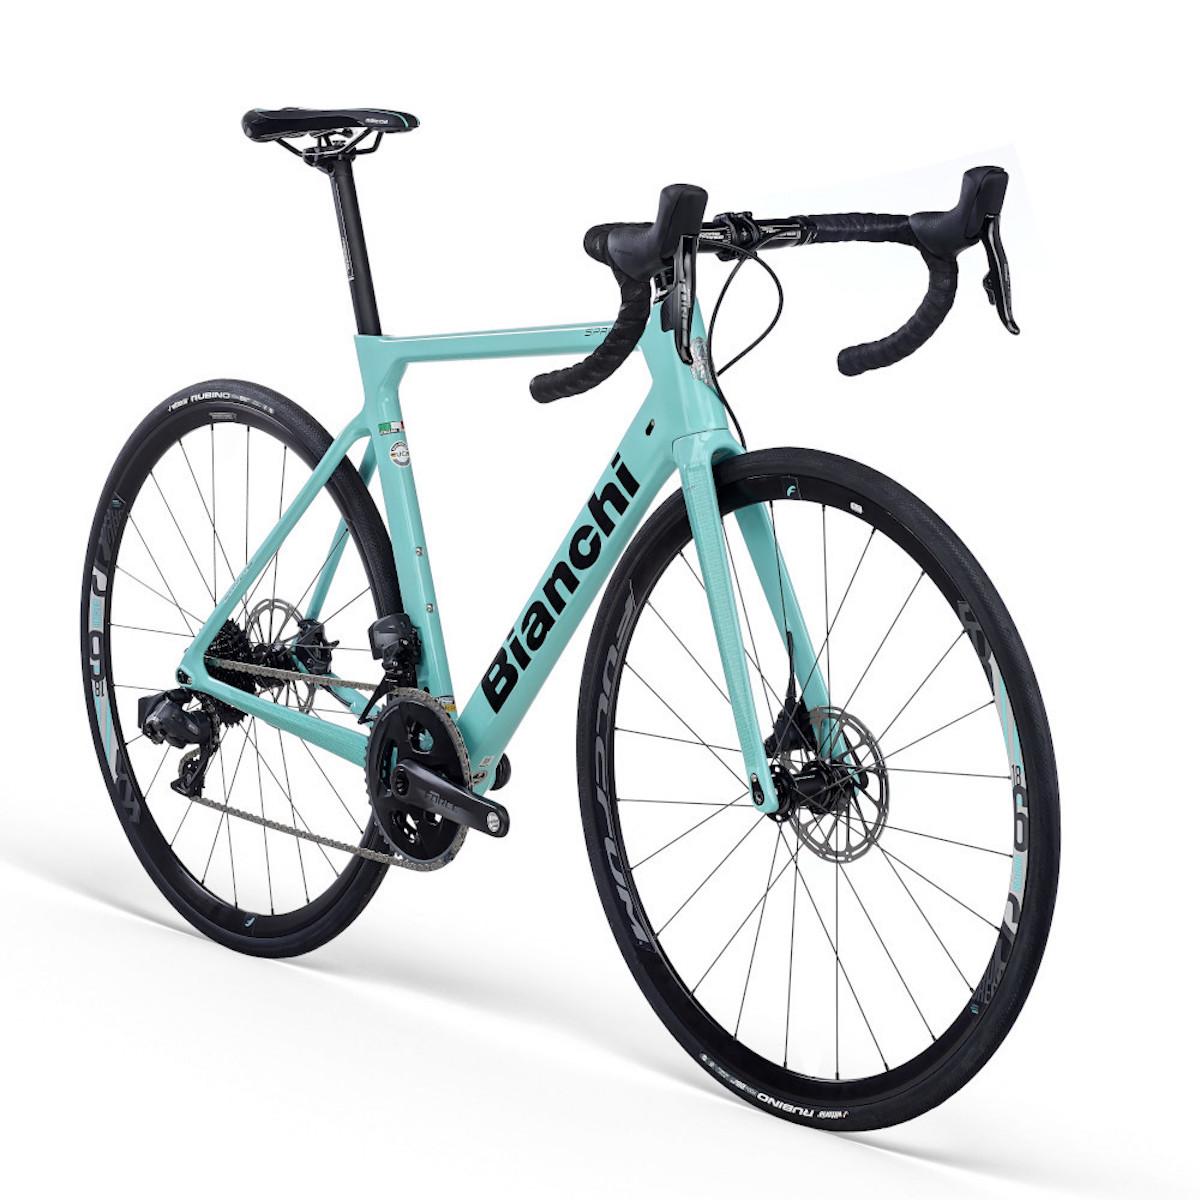 Bianchi carbon fiets